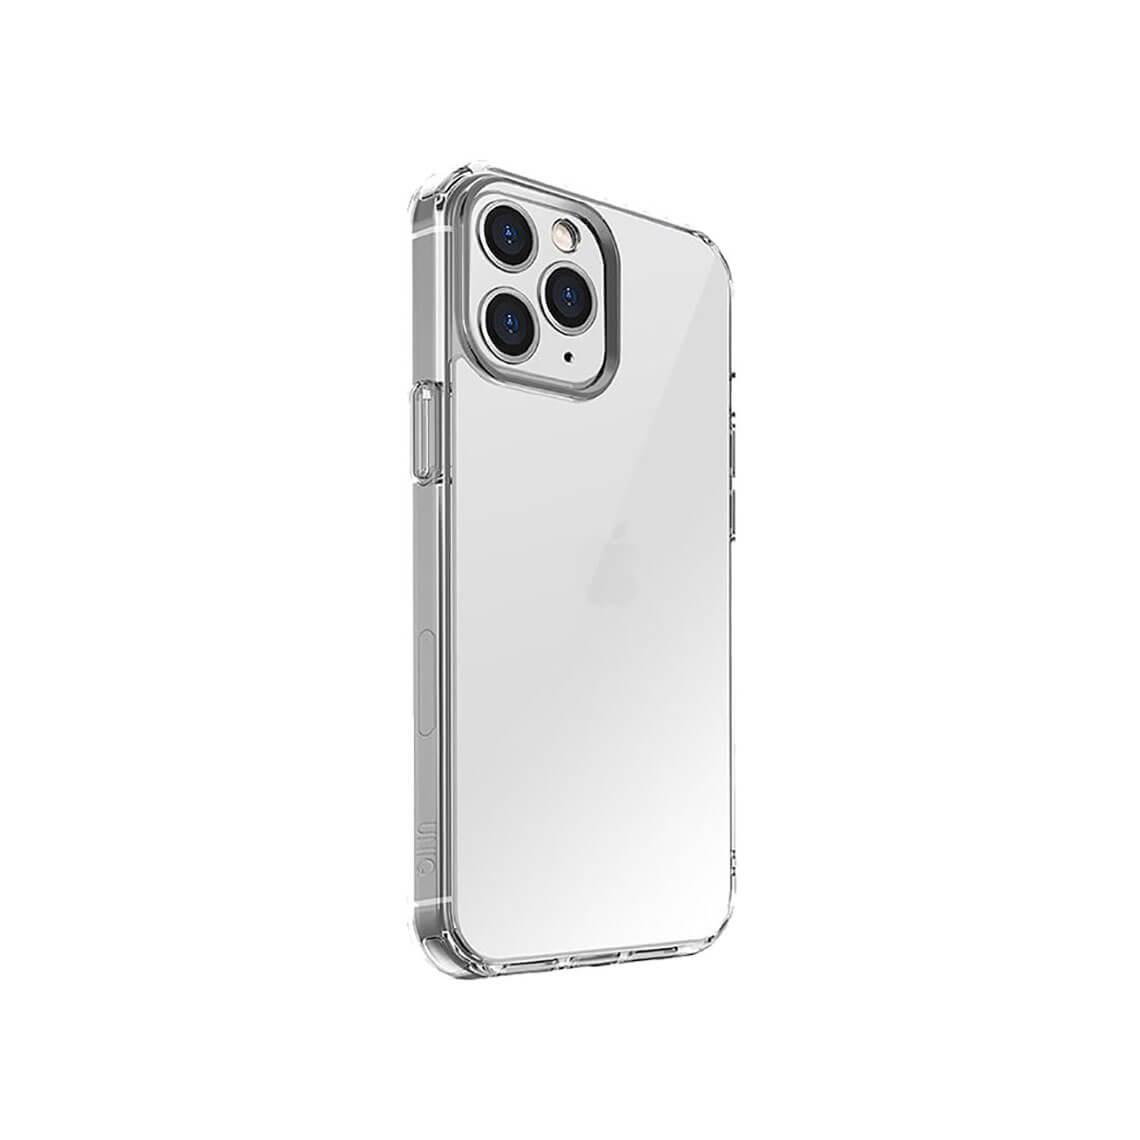 کاور یونیک LIFEPRO XTREME آیفون 12 Pro Max